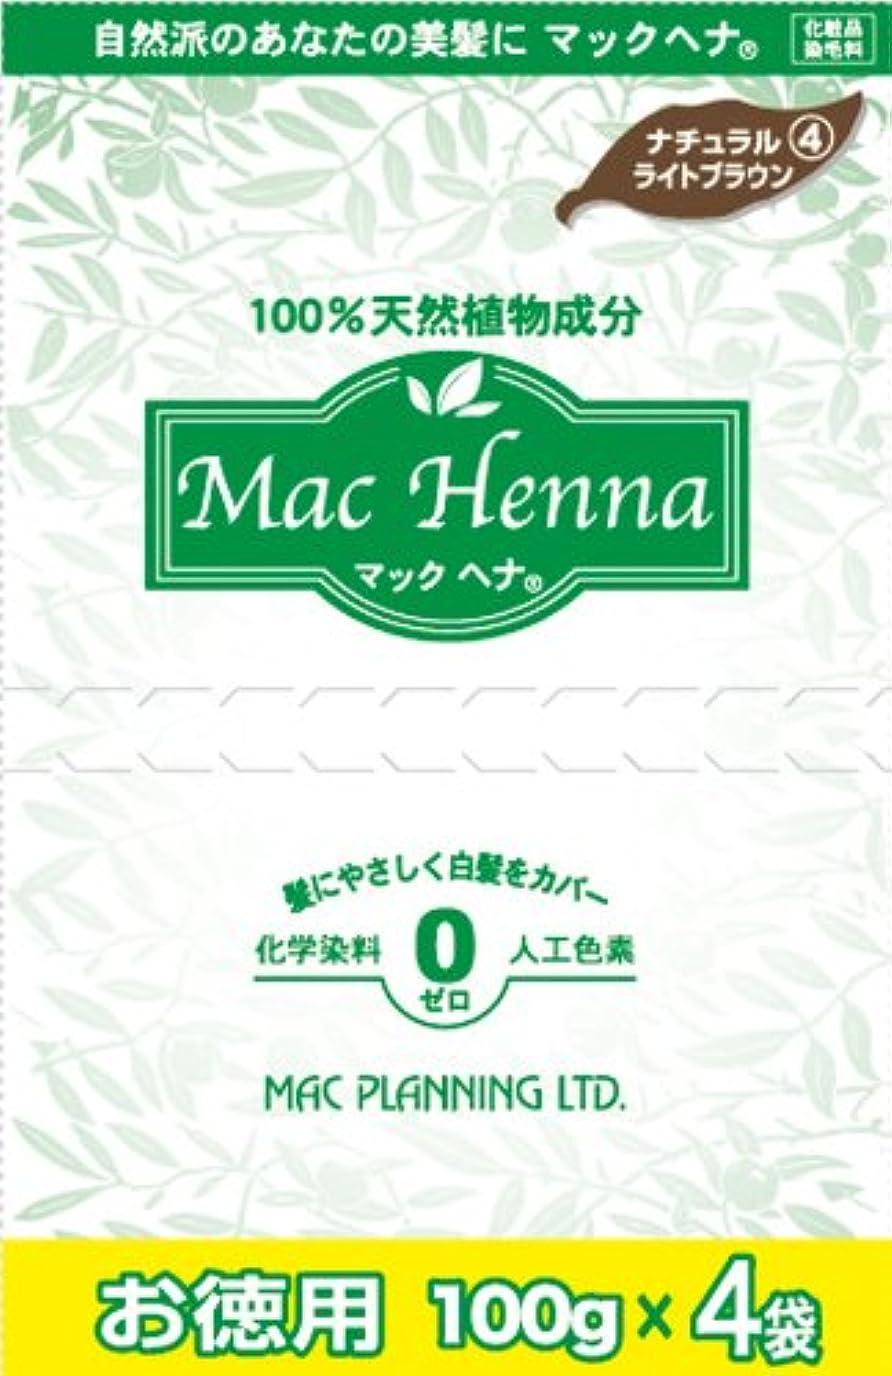 できればマイクロ創造天然植物原料100% 無添加 マックヘナ お徳用(ナチュラルライトブラウン)-4  400g(100g×4袋)3箱セット